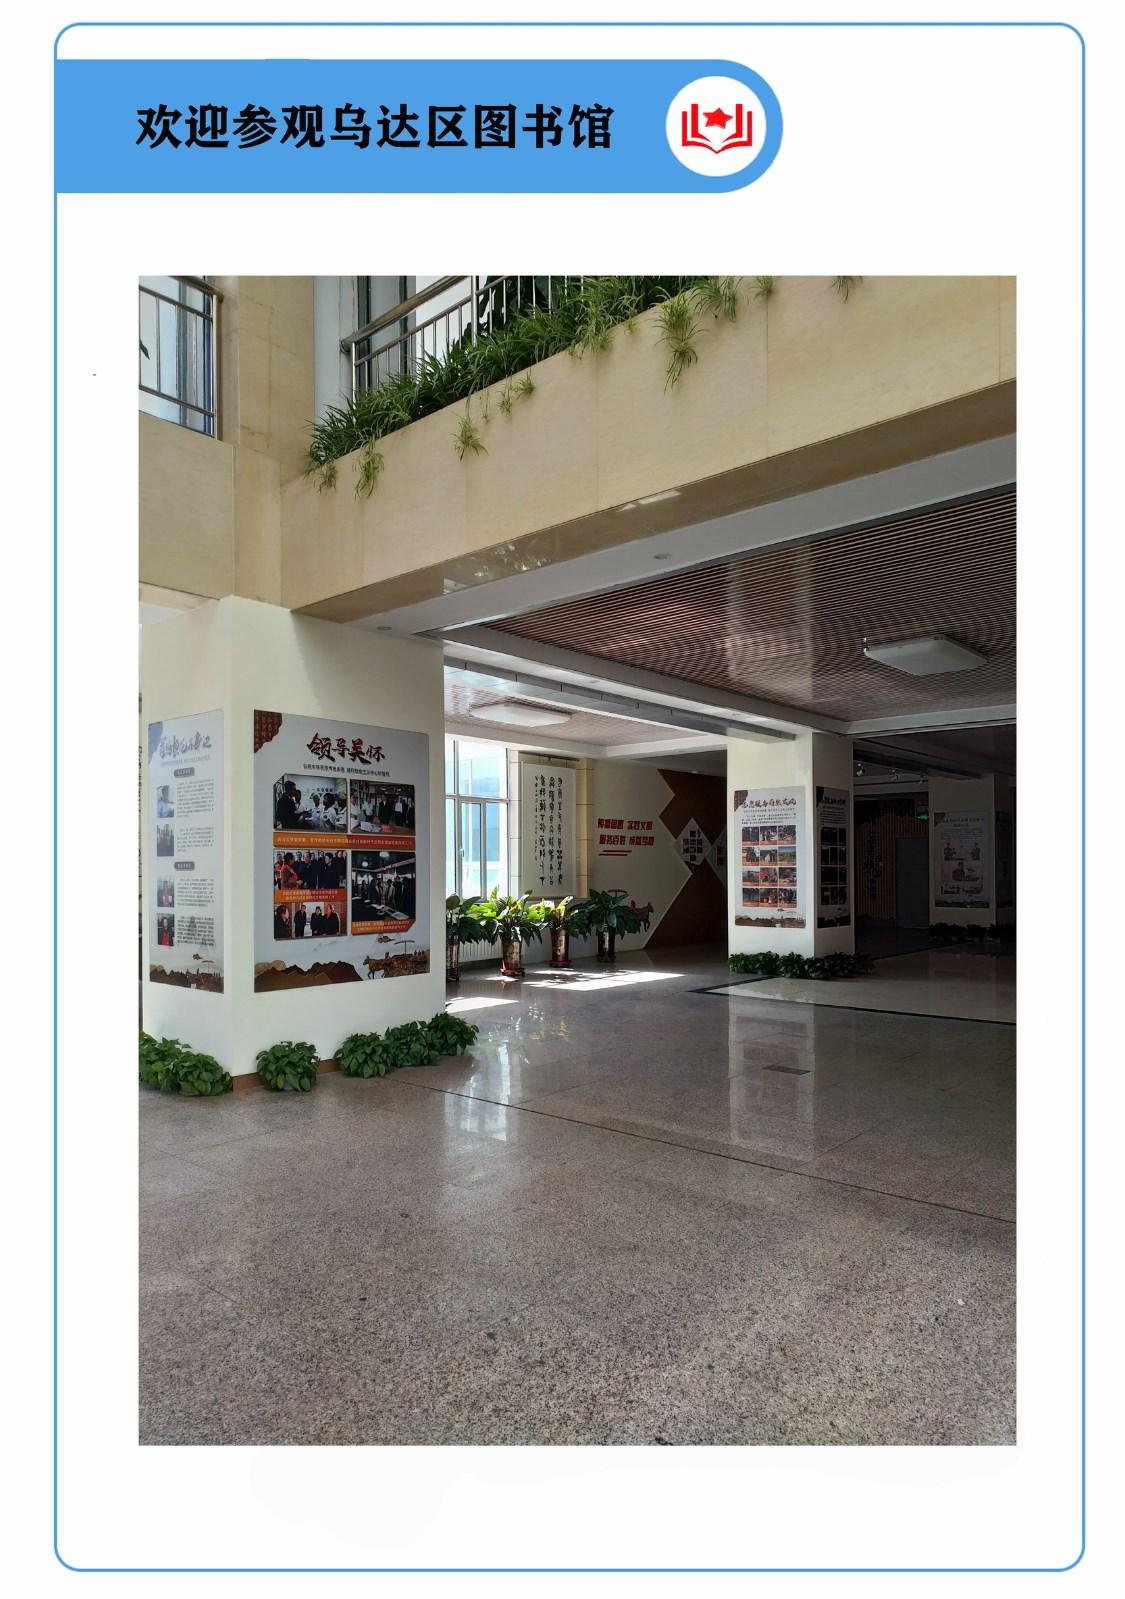 欢迎参观内蒙古乌海市乌达区图书馆_图1-1